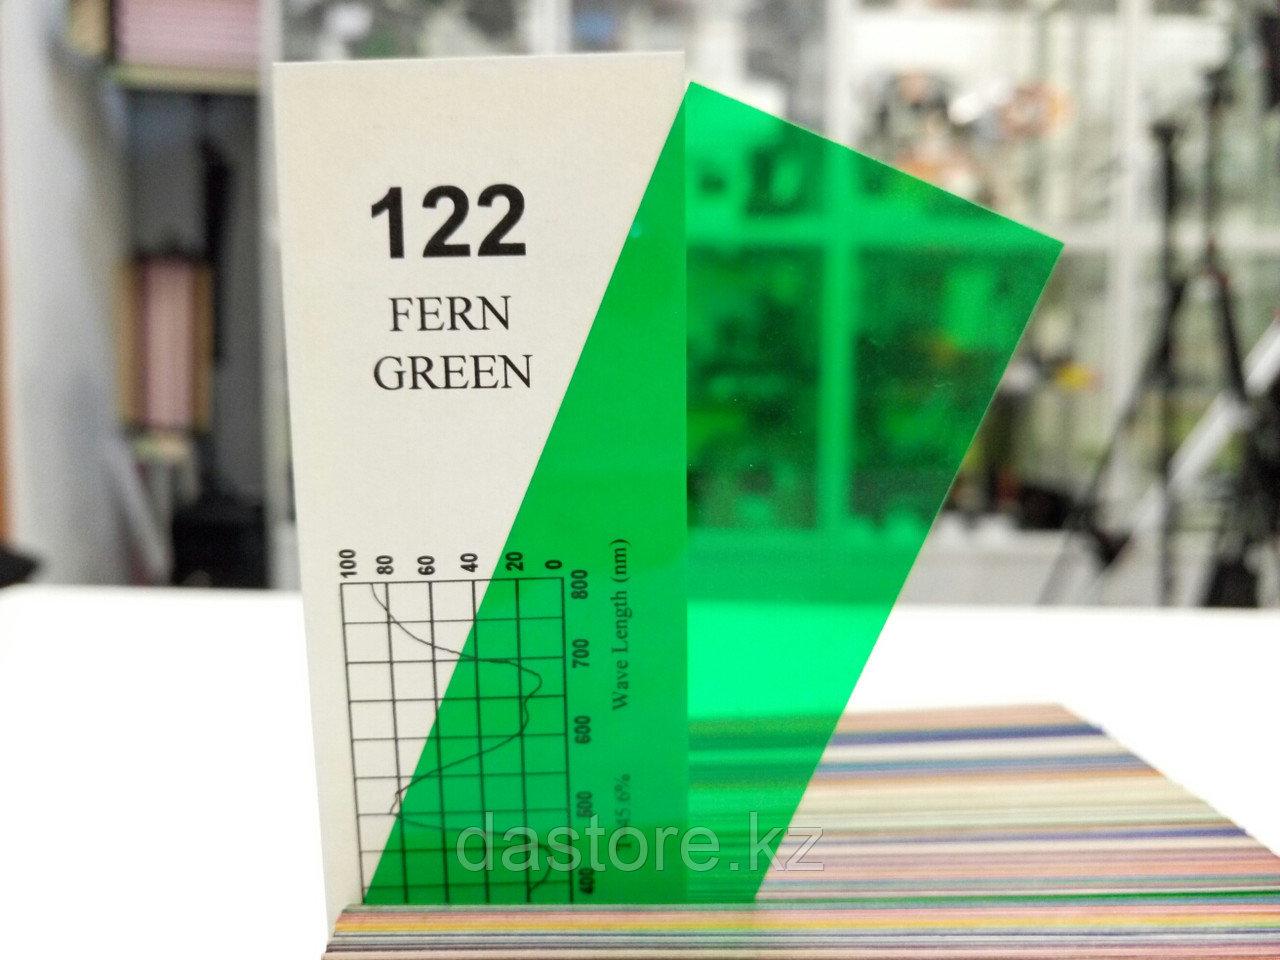 Cotech 122 FERN GREEN светофильтр для осветительных приборов